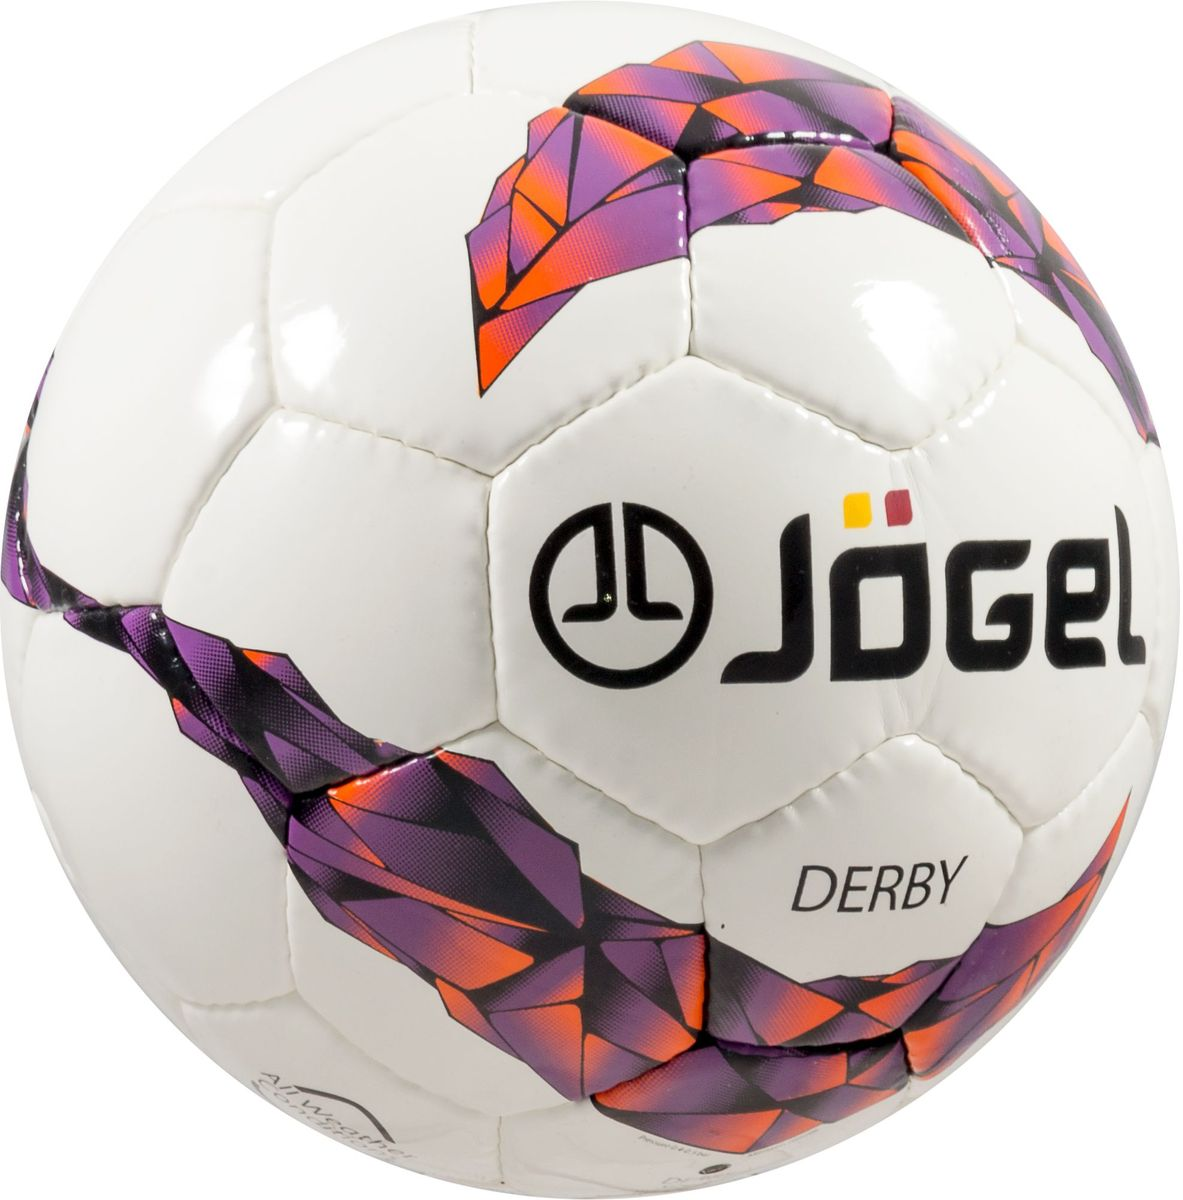 """Классический футбольный мяч серии """"Derby"""" с прочной покрышкой из синтетической кожи, сшитой вручную. Камера выполнена из латекса.  Мяч имеет отличные технические характеристики, которые соответствуют требованиям тренировочного процесса. Предусмотрено четыре  подкладочных слоя из смеси хлопка с полиэстером.  Мяч станет прекрасным выбором для тренировок и игр клубных и любительских команд.  Вес: 310-350 гр. Длина окружности: 59-61 см. Рекомендованное давление: 0.6-0.8 бар."""